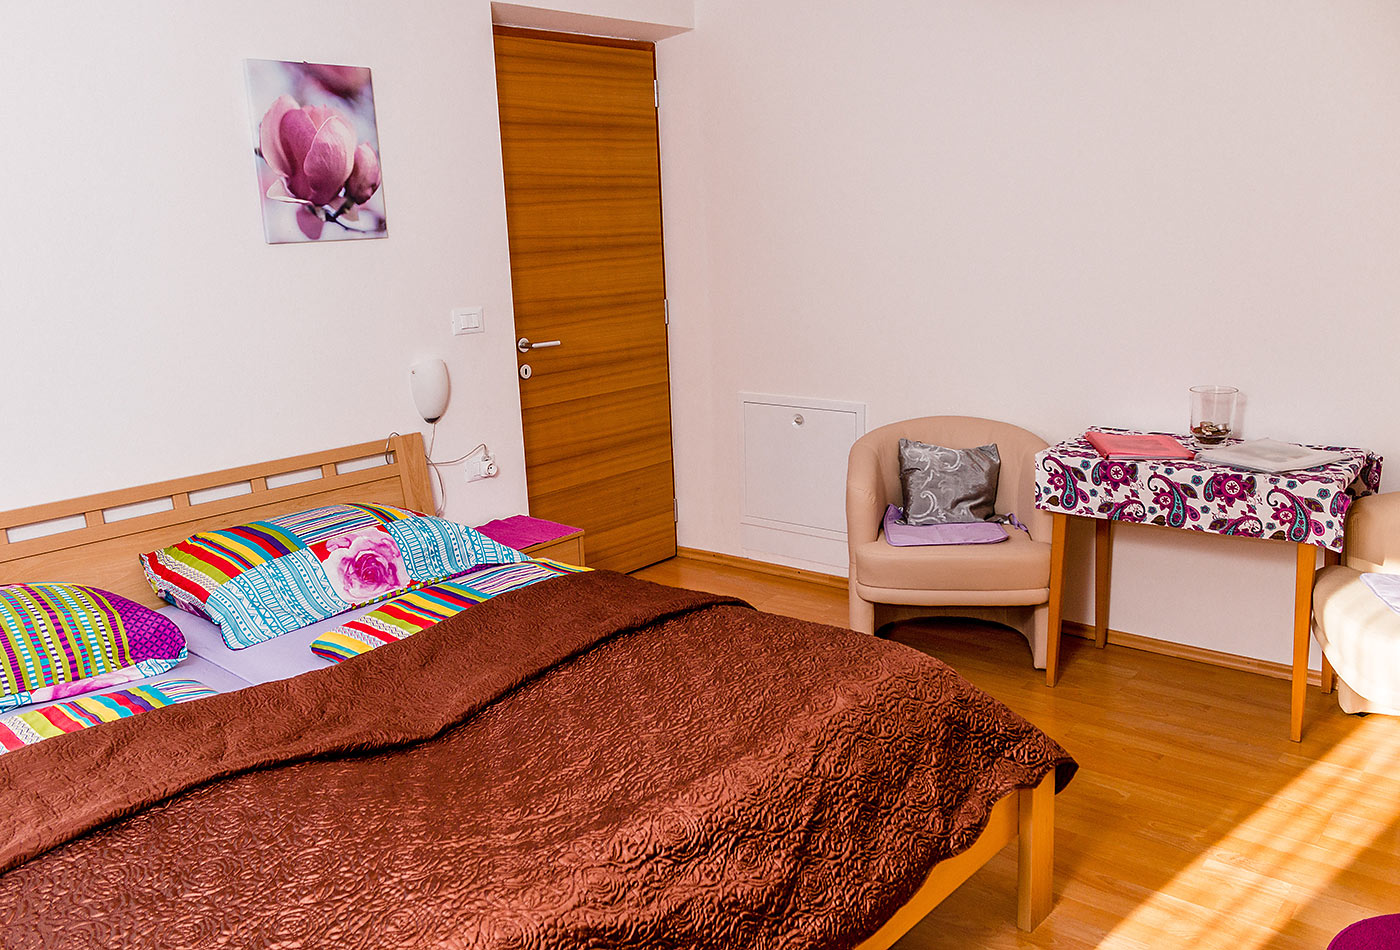 gruberhof wohnen meran suedtirol gruberhof archiv wohnen meran suedtirol gruberhof. Black Bedroom Furniture Sets. Home Design Ideas